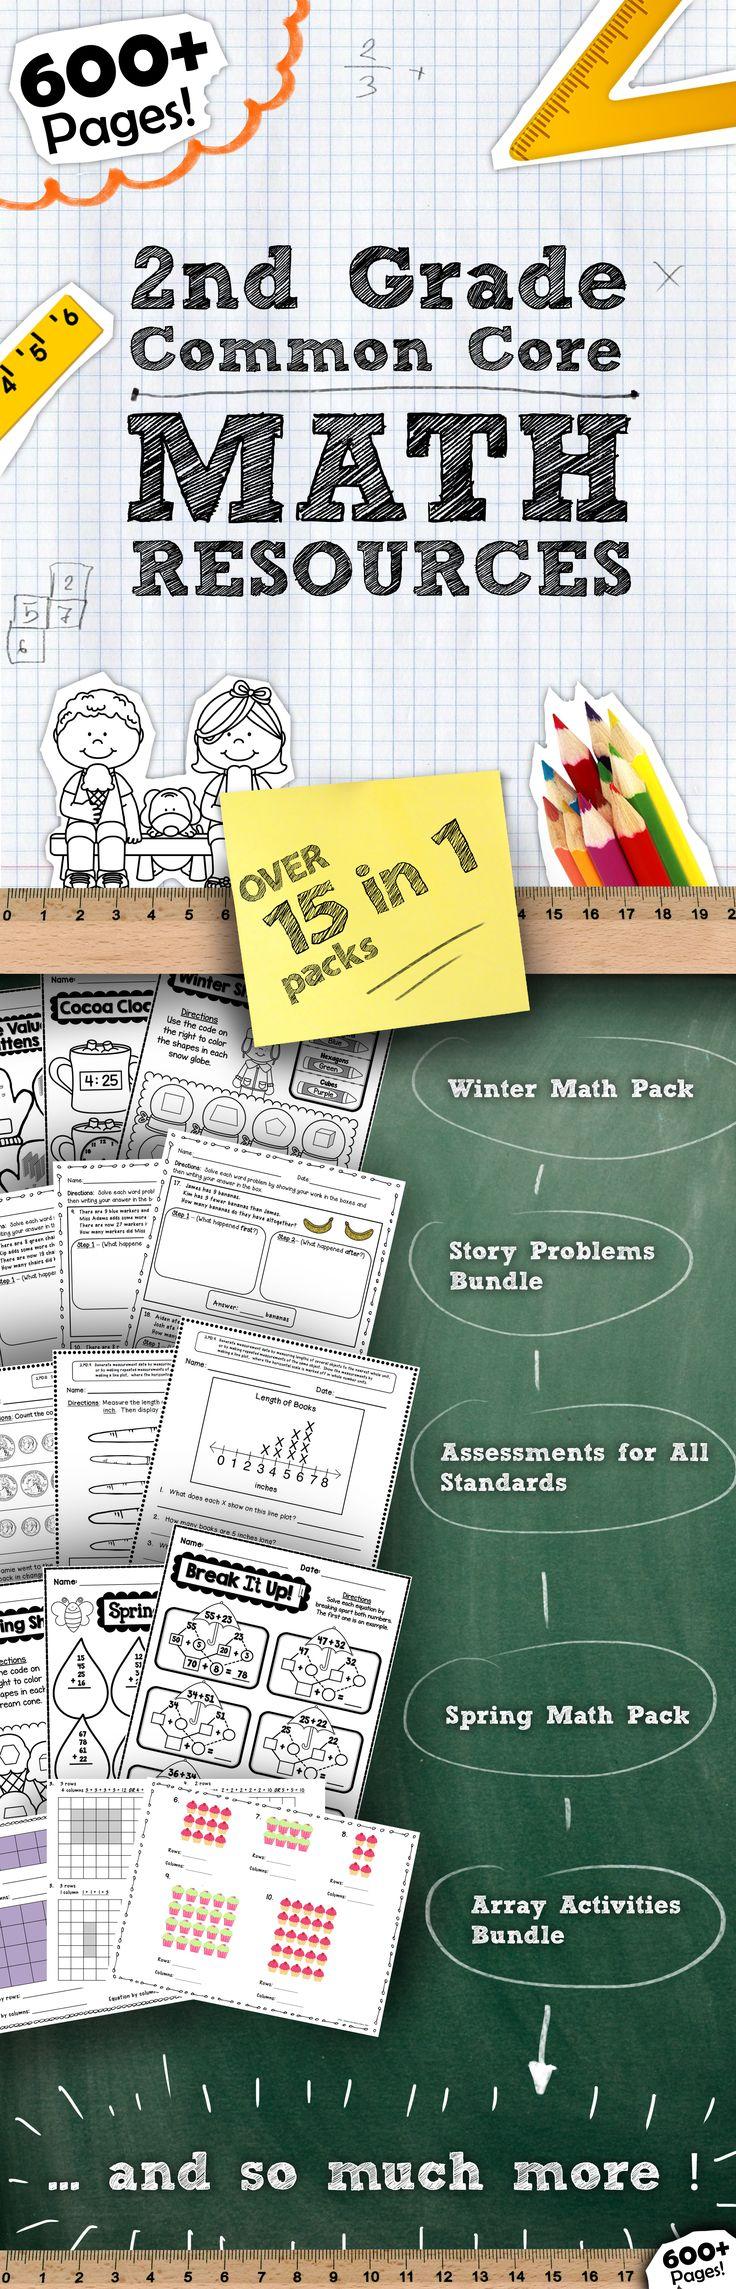 Calendar Math Ideas Nd Grade : Best math pages ideas on pinterest multiplication